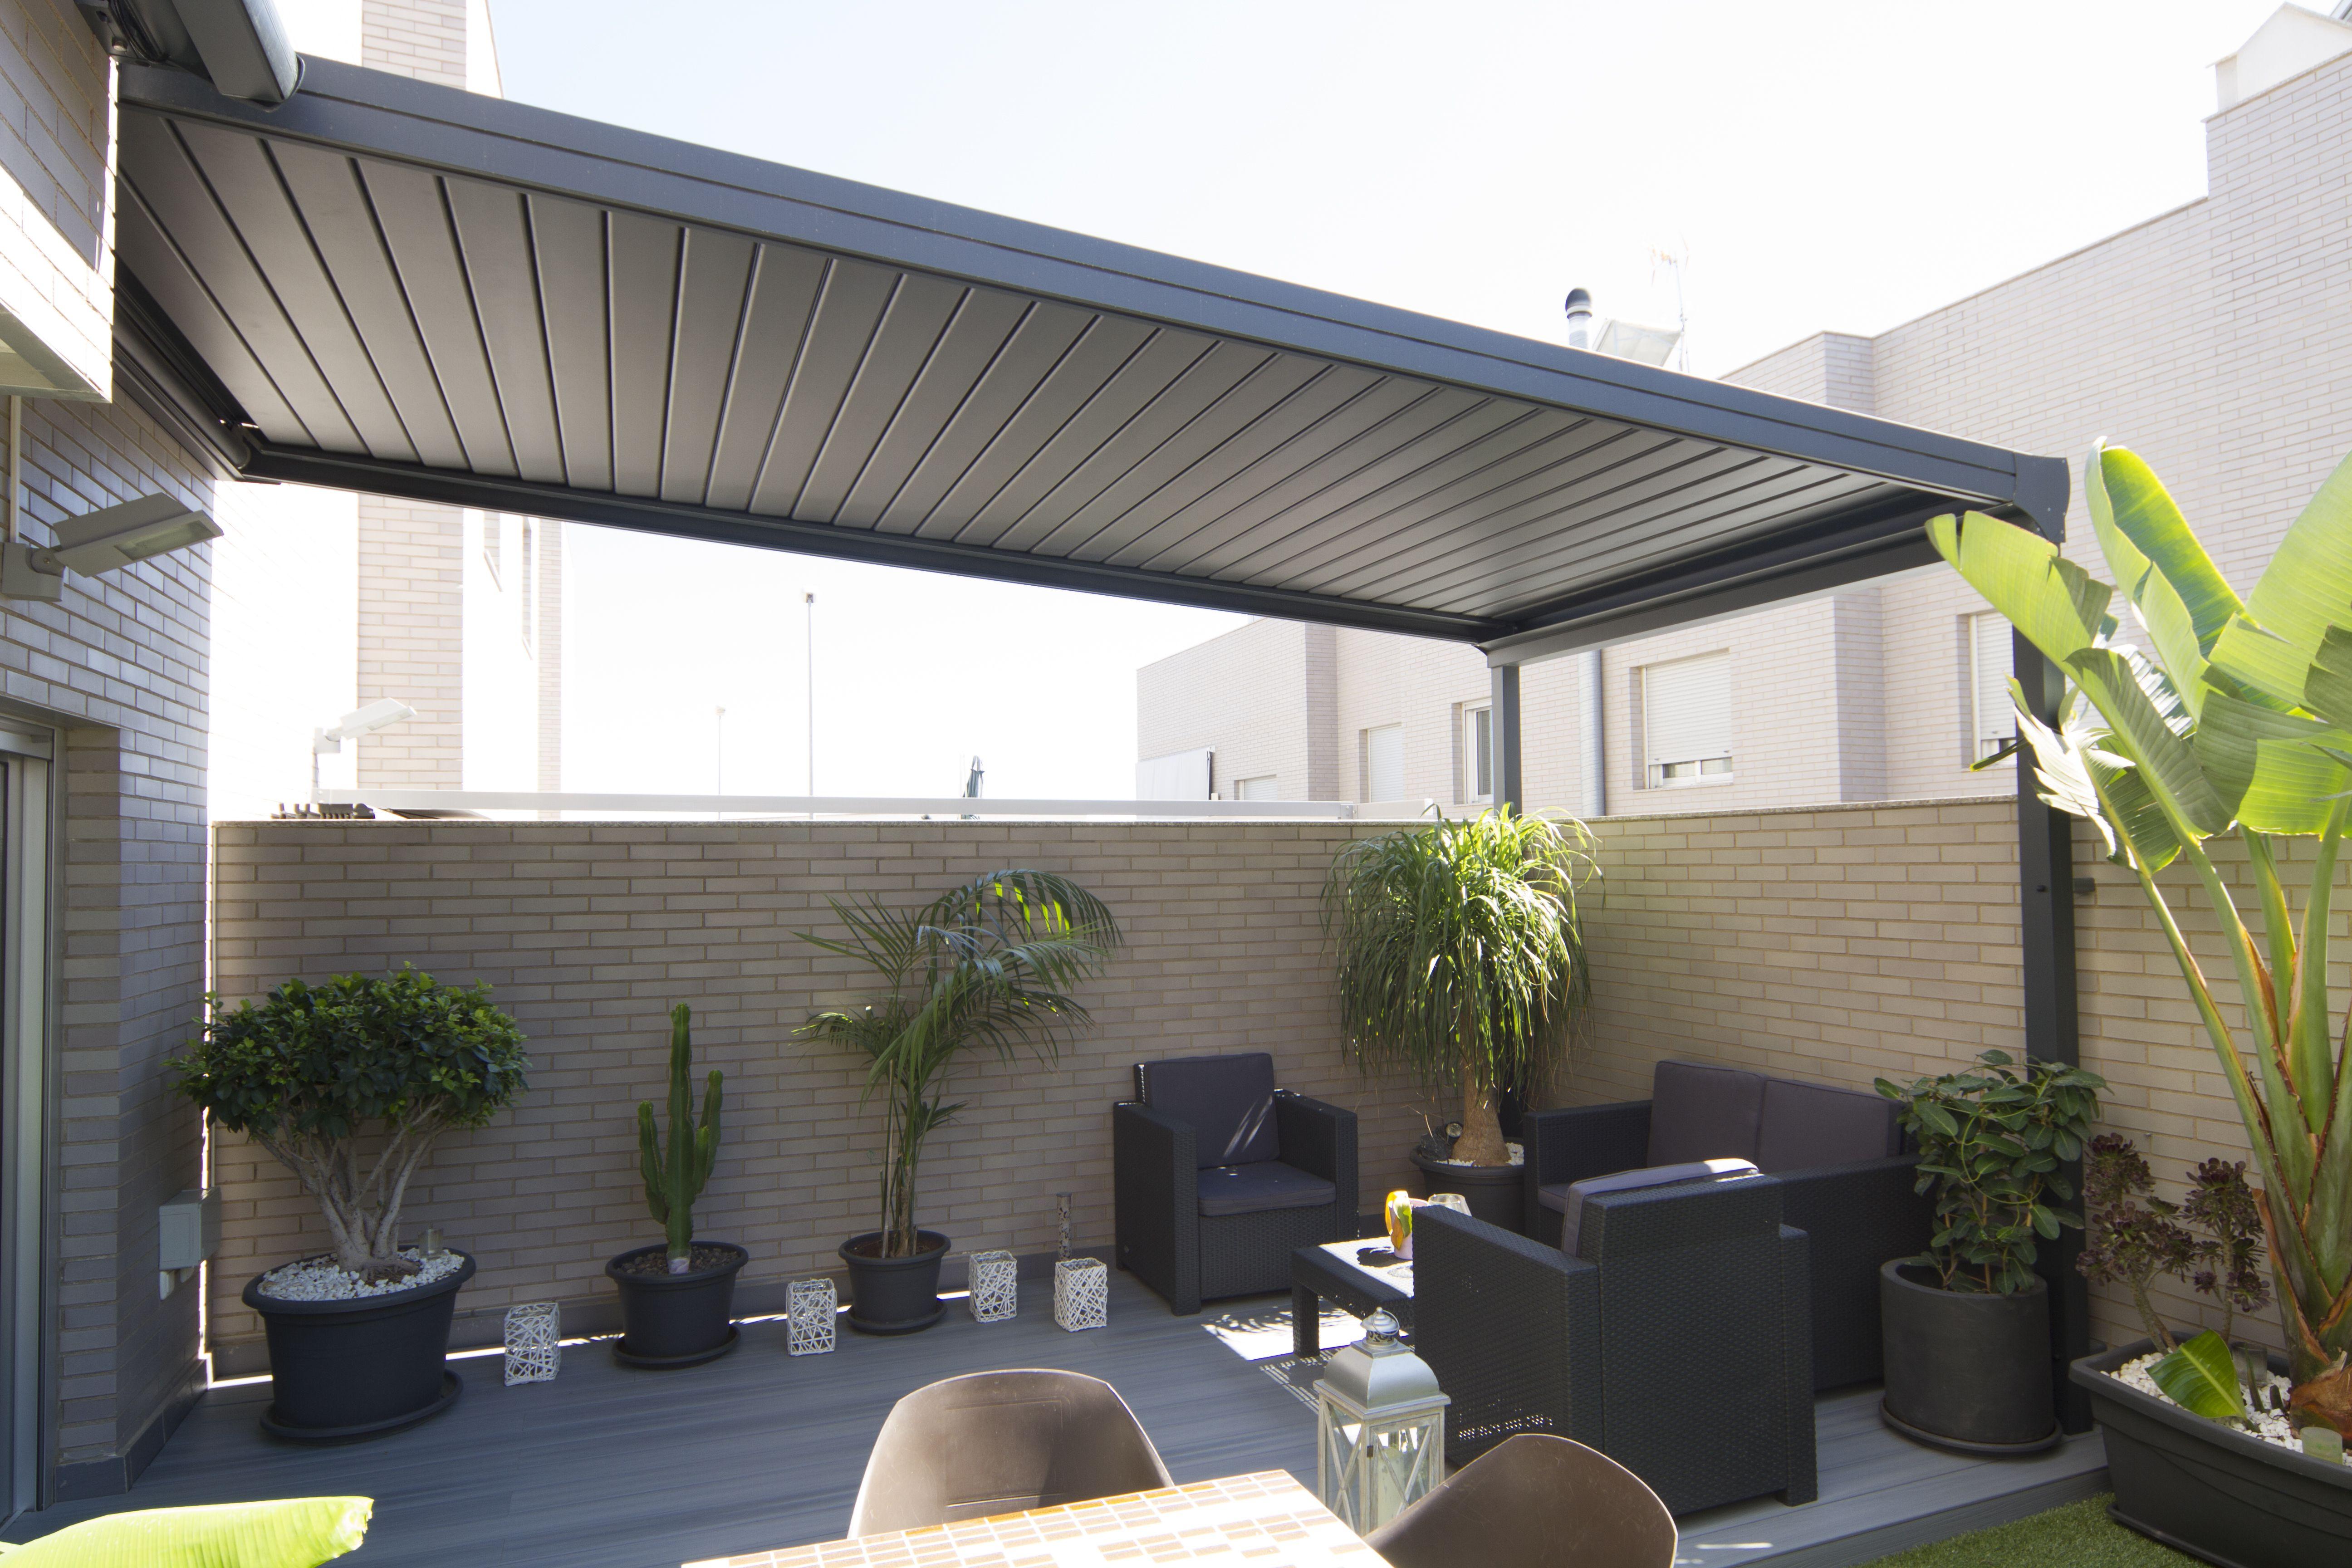 Techos bioclim ticos de lamas de aluminio graduables brisa soleada canopy pinterest - Techos pergolas ...